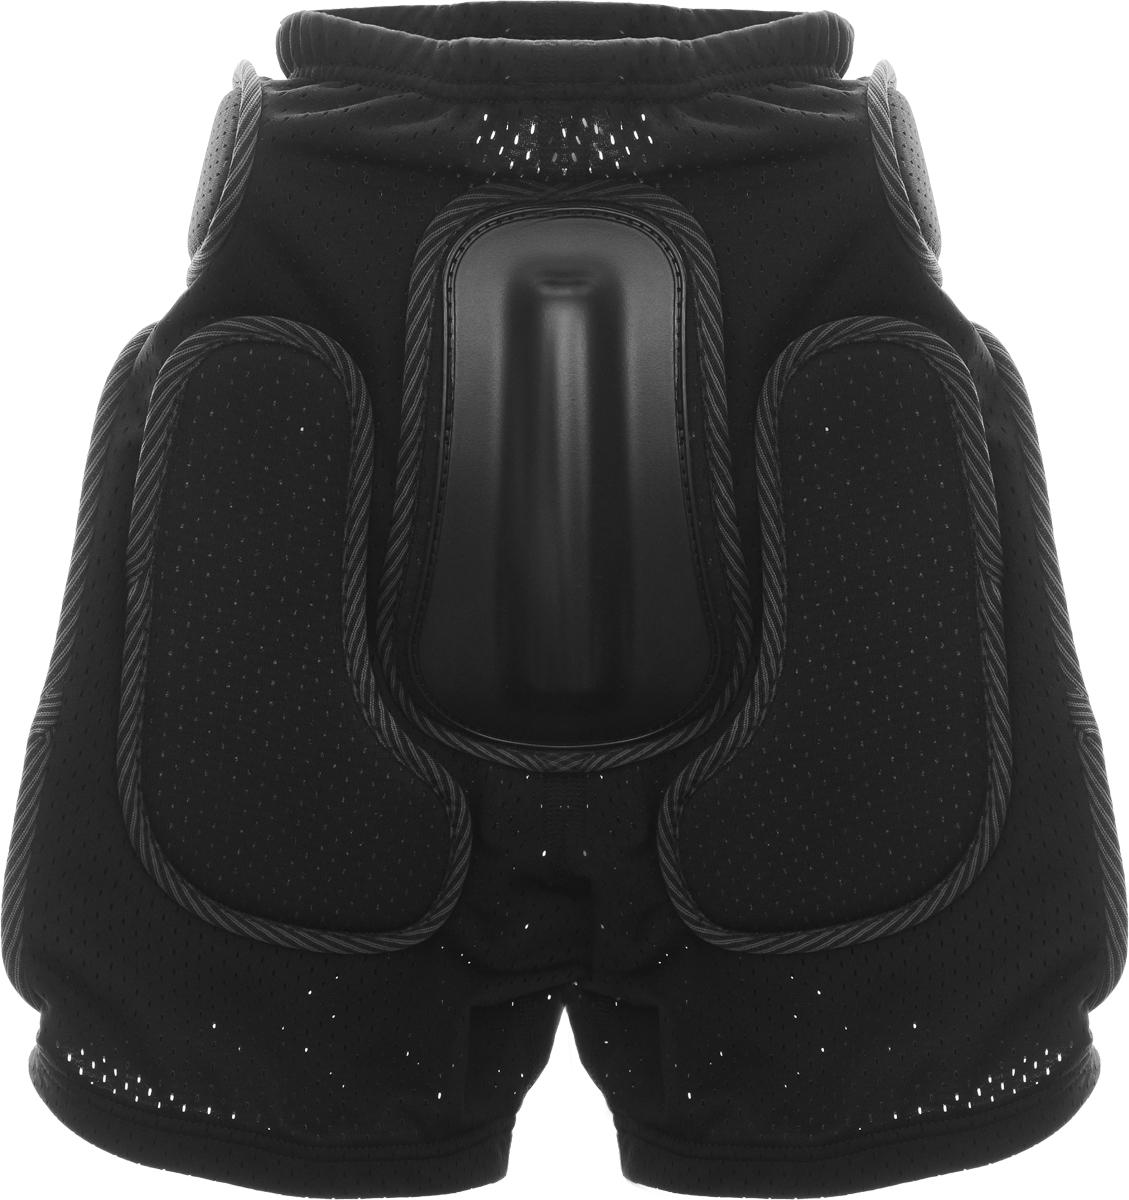 Шорты защитные Biont Комфорт, цвет: черный, размер XS231_002Защитные шорты Biont Комфорт - это необходимая часть снаряжения сноубордистов, любителей экстремального катания на роликах, байкеров, фанатов зимнего кайтинга. Шорты изготовлены из мягкой эластичной потовыводящей сетки с хорошей воздухопроницаемостью под накладками без остаточной деформации. Для обеспечения улучшенной вентиляции в шортах используется дышащая сетка спейсер. Комфортные защитные шорты Biont Комфорт идеальный выбор для любителей экстремального спорта. Толщина пластиковых накладок: 8-12 мм.